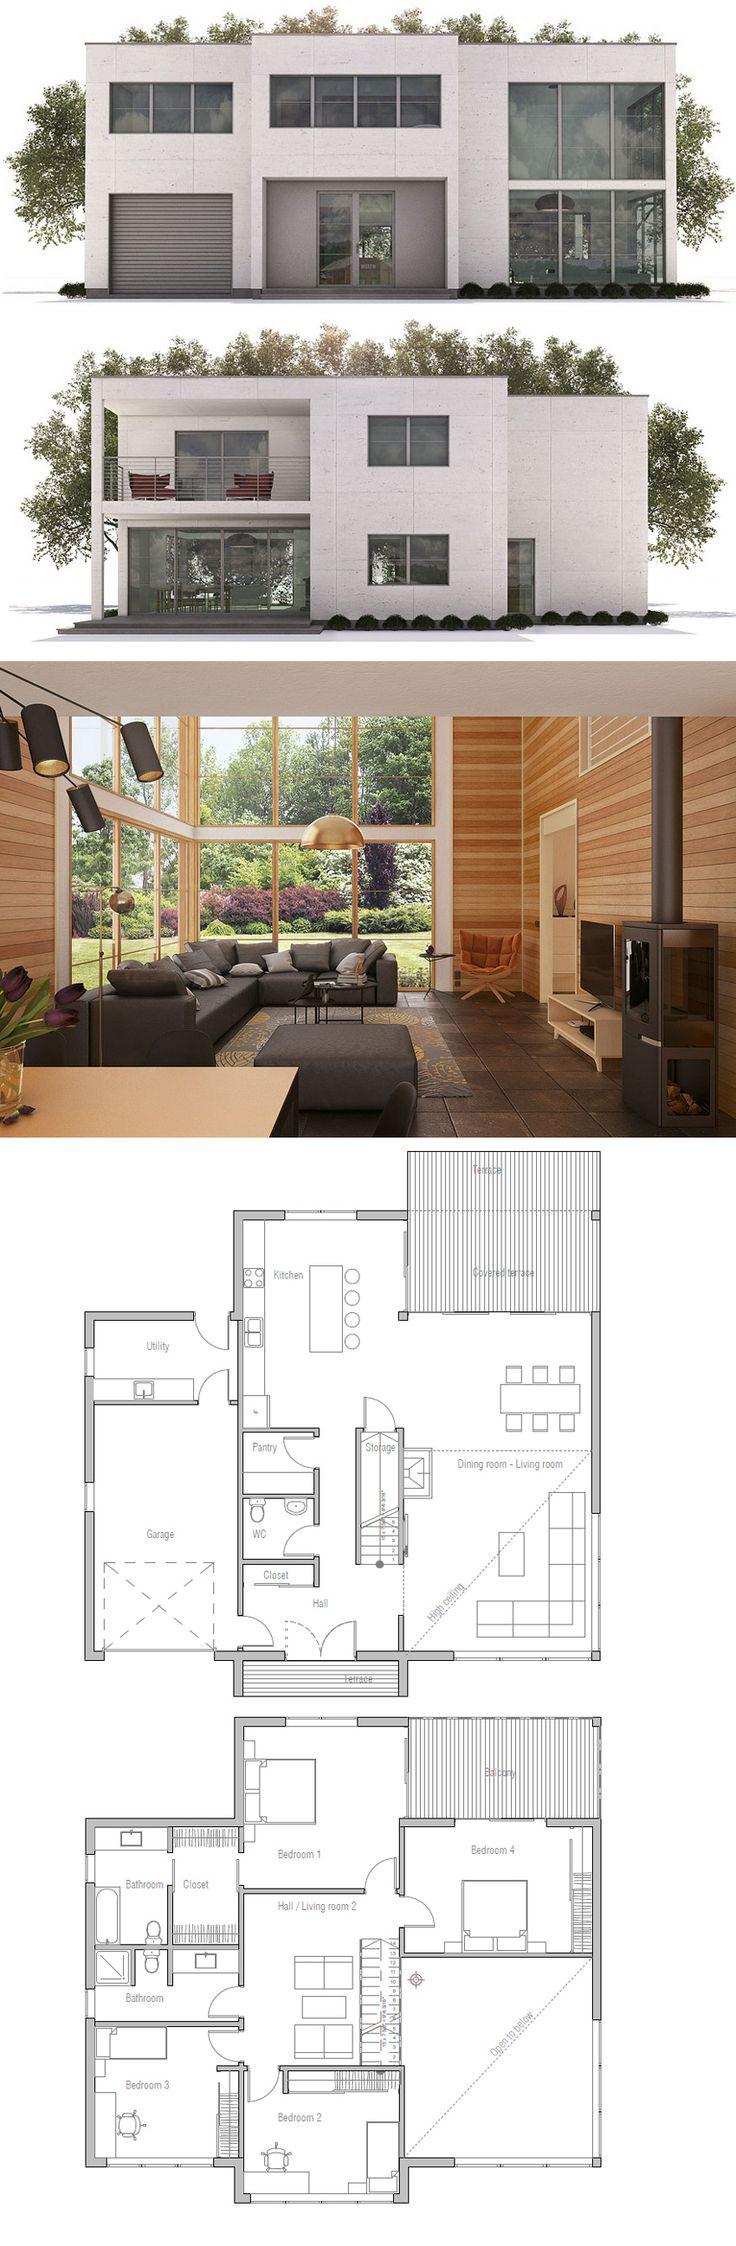 435 best floor plans ideas images on pinterest architecture house design 2015